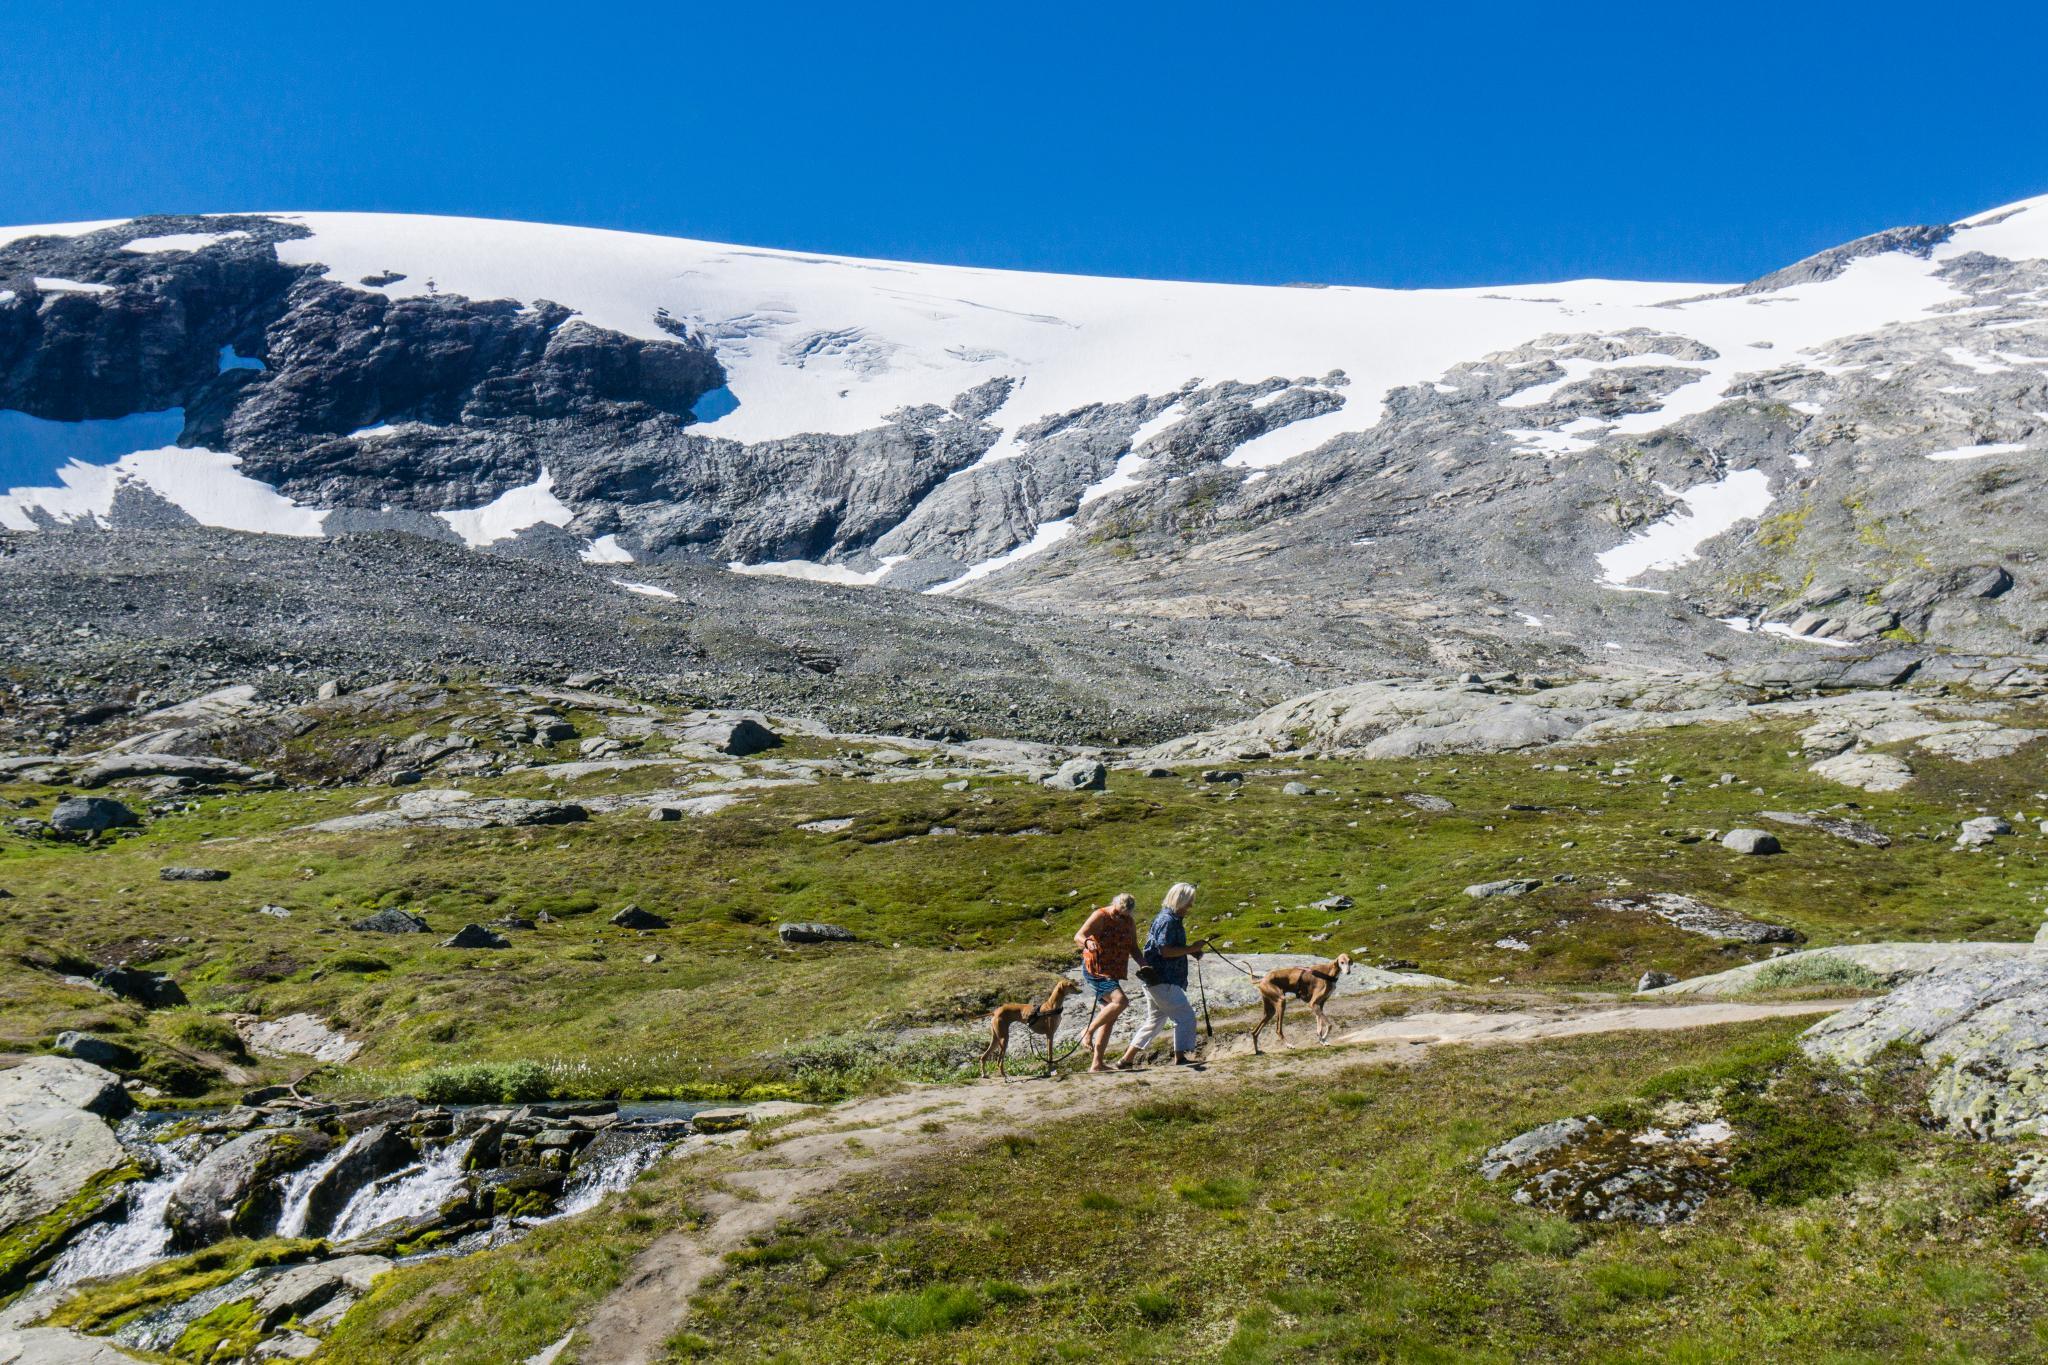 【北歐景點】歐洲最震撼的峽灣觀景台 — Dalsnibba Mountain Plateau 9